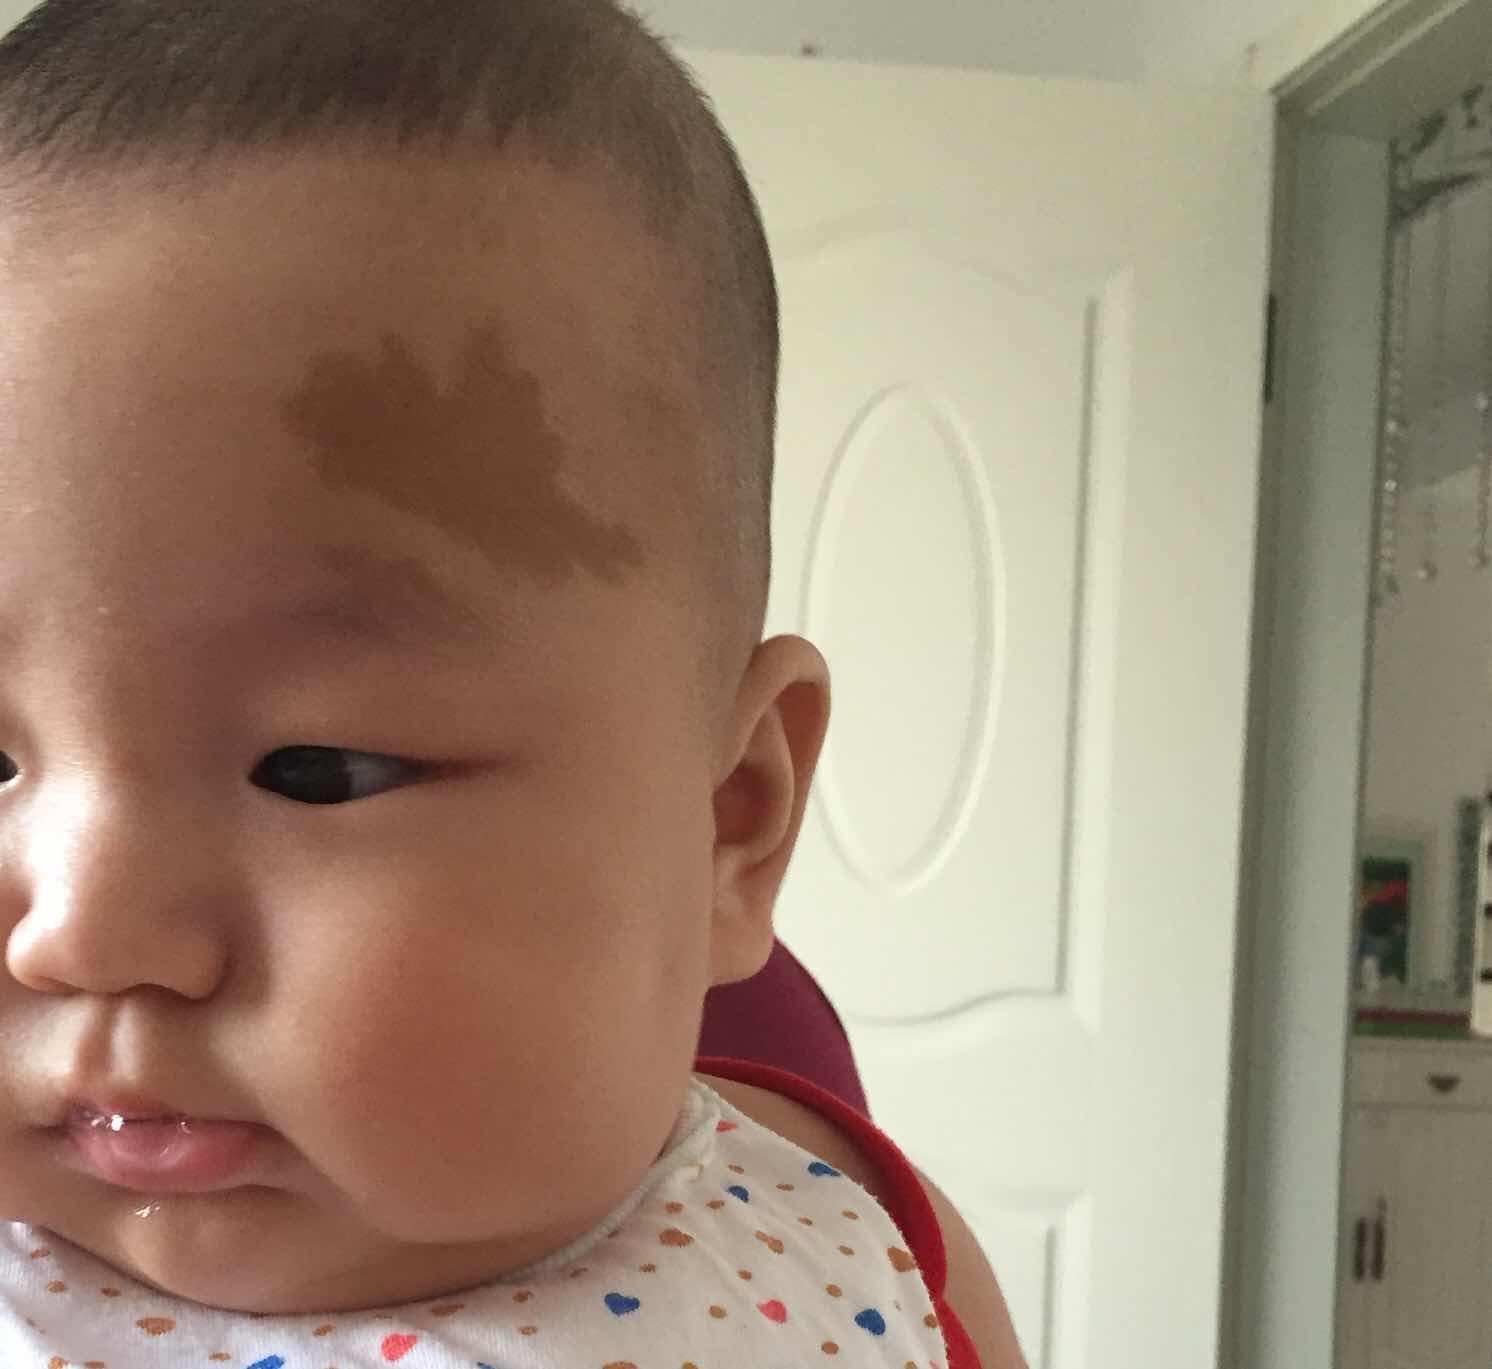 牛奶咖啡斑怎么去除,孩子4个月,这种牛奶咖啡斑怎么治疗?